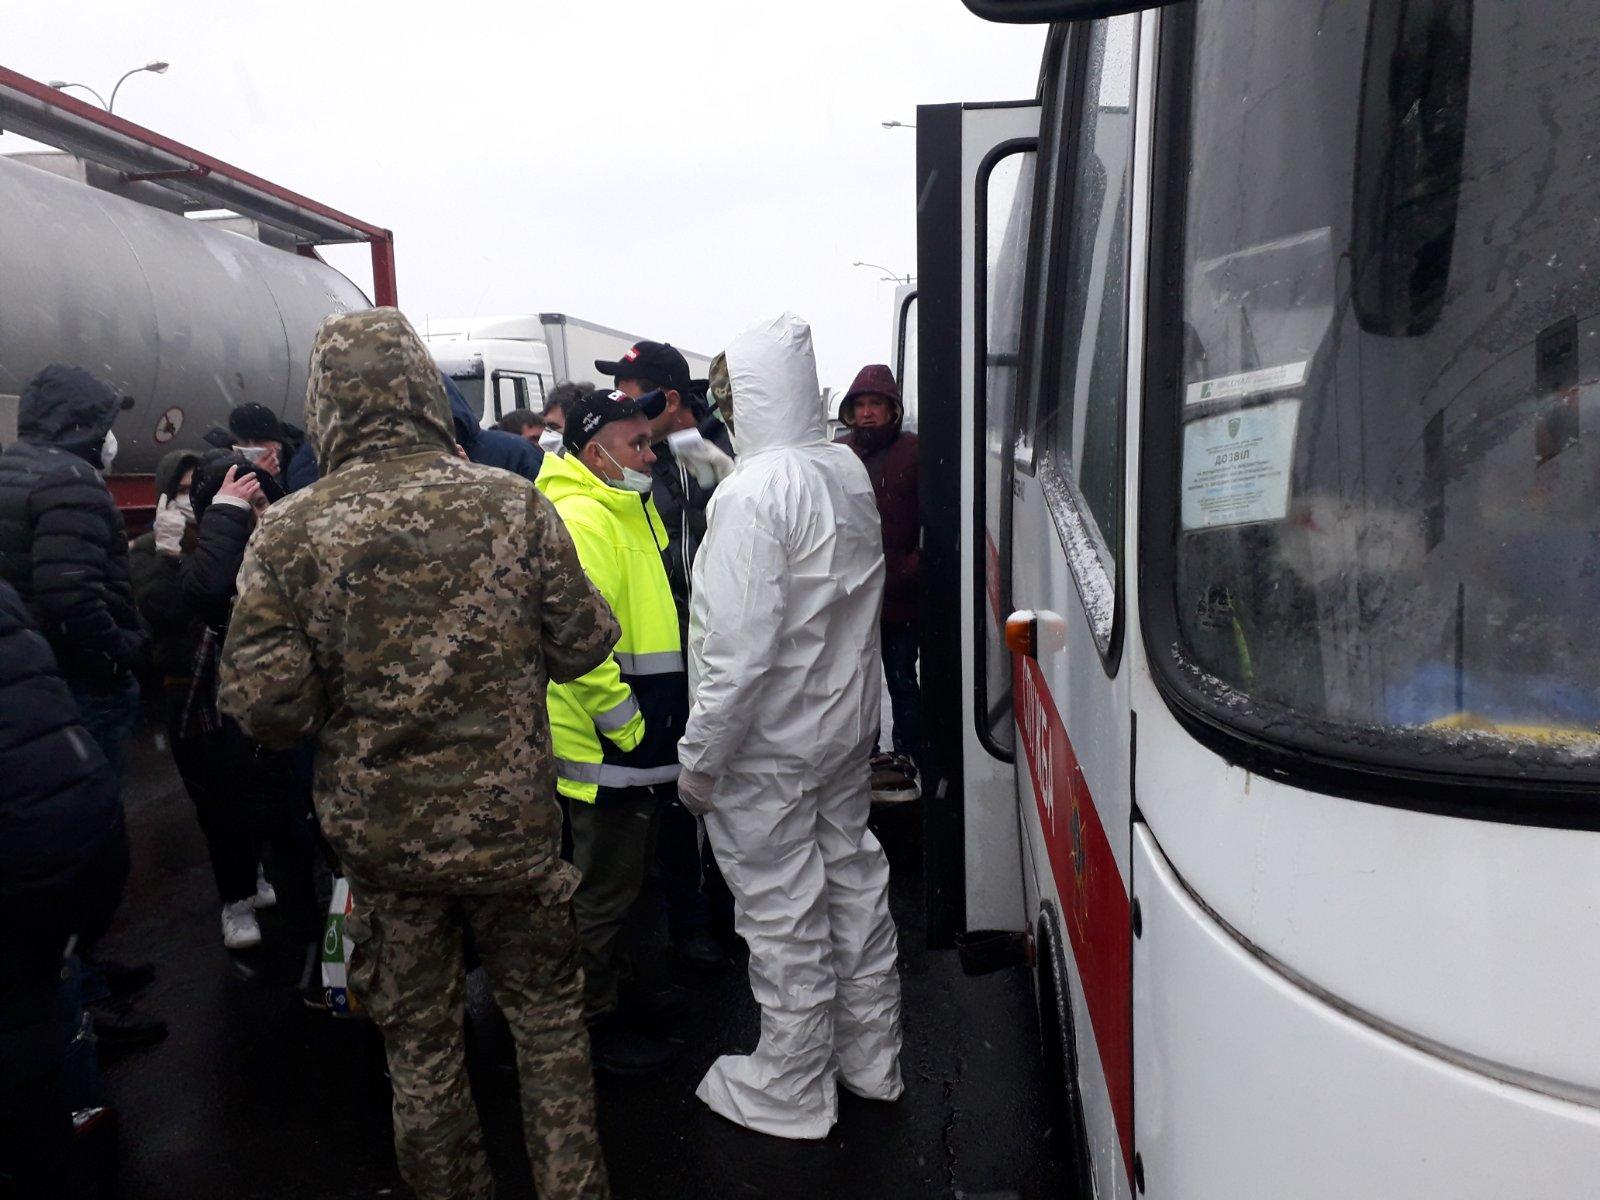 Рятувальники допомагають волинянам перетинати кордон на пункті пропуску Дорогуськ-Ягодин